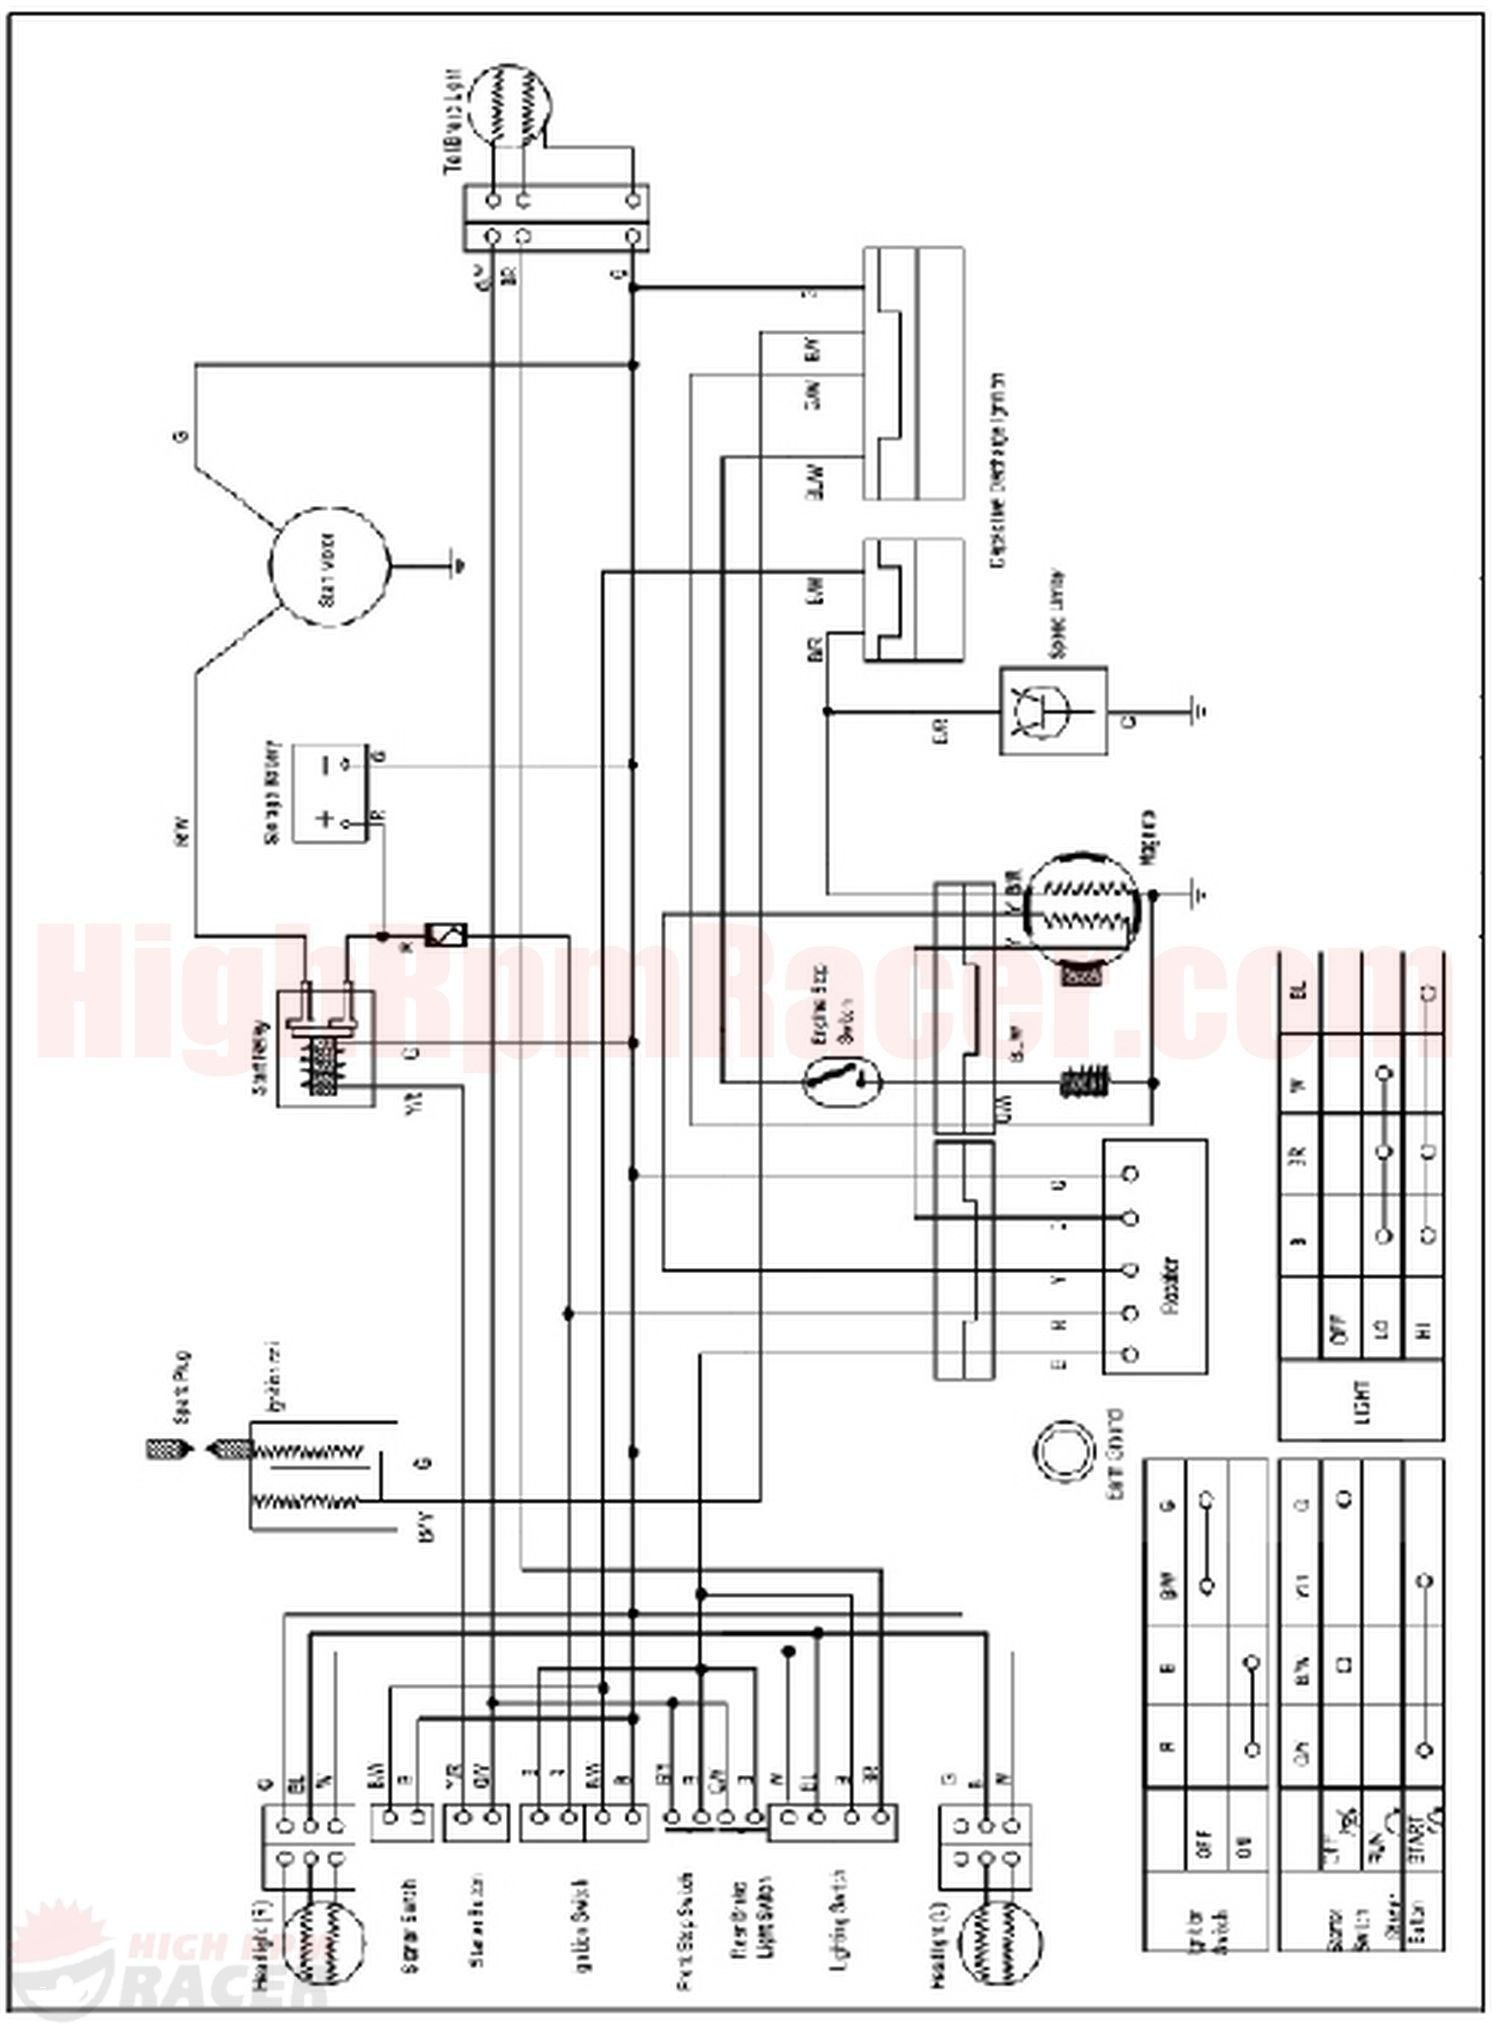 Chinese Atv Wiring Diagram : chinese, wiring, diagram, Wiring, Diagram, 110cc, Wheeler, Inspirational, Chinese, Electrical, Diagram,